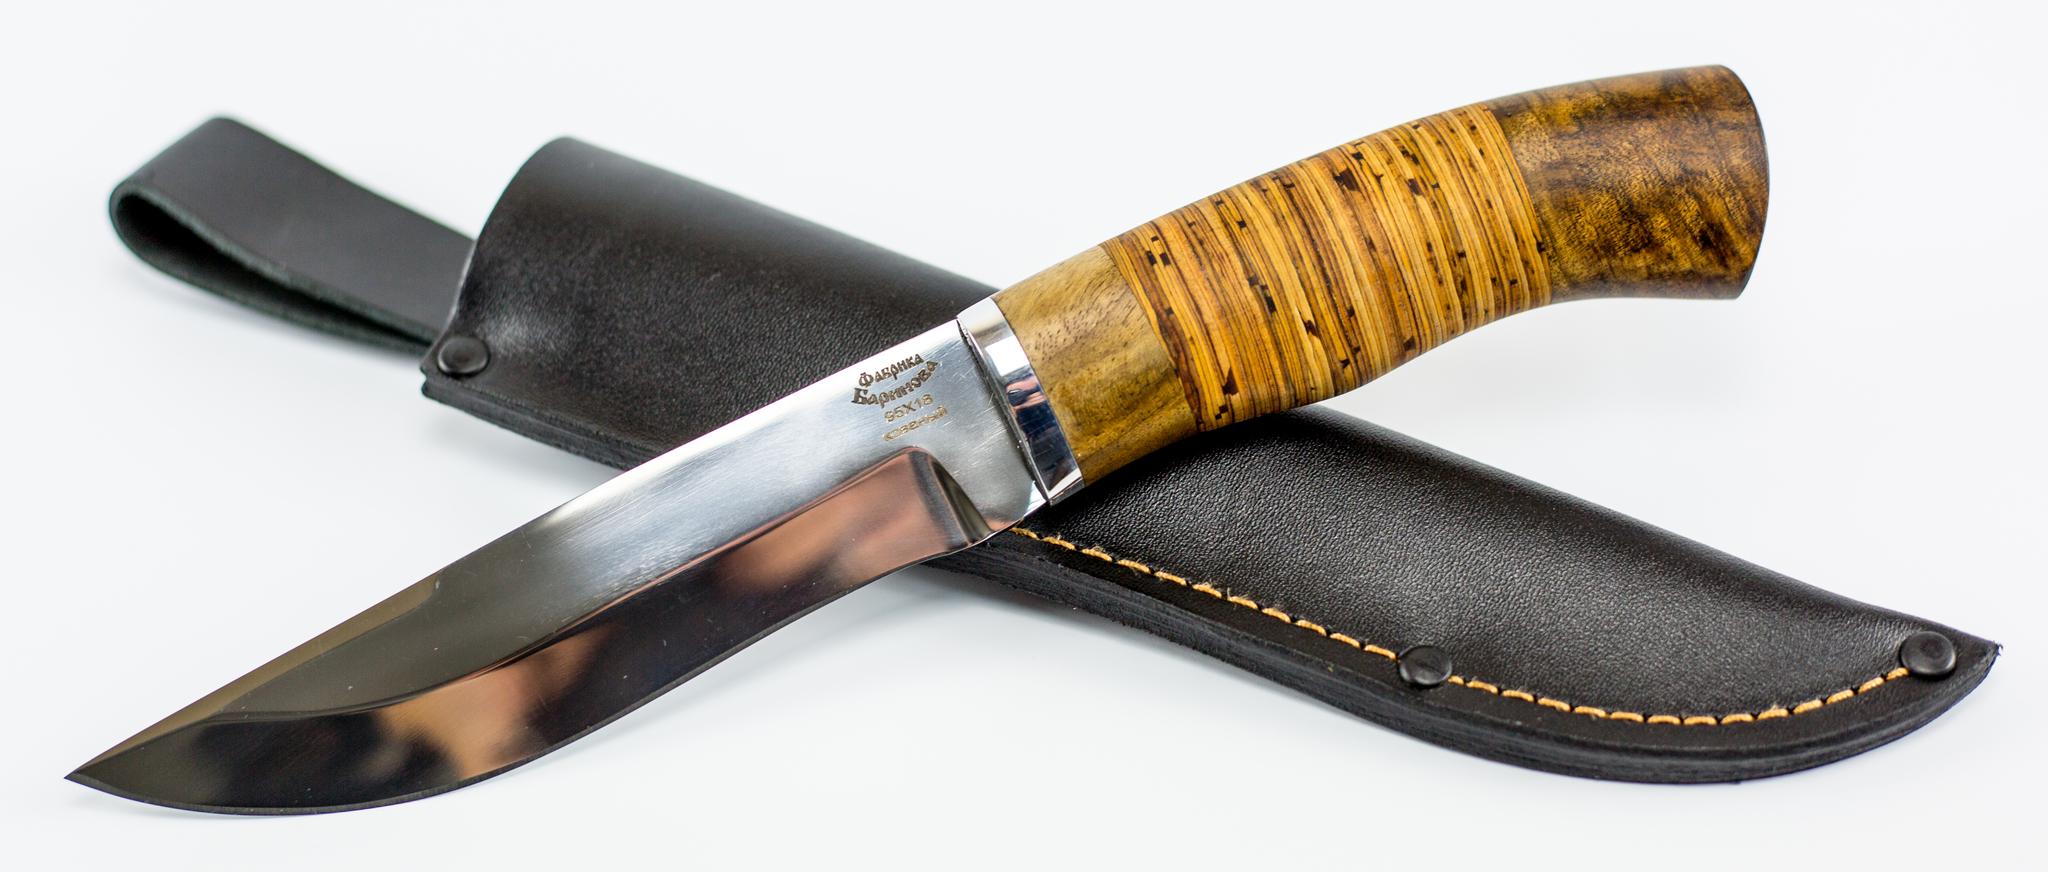 Фото 5 - Нож Южный-2 в бересте, 95Х18 от Фабрика Баринова